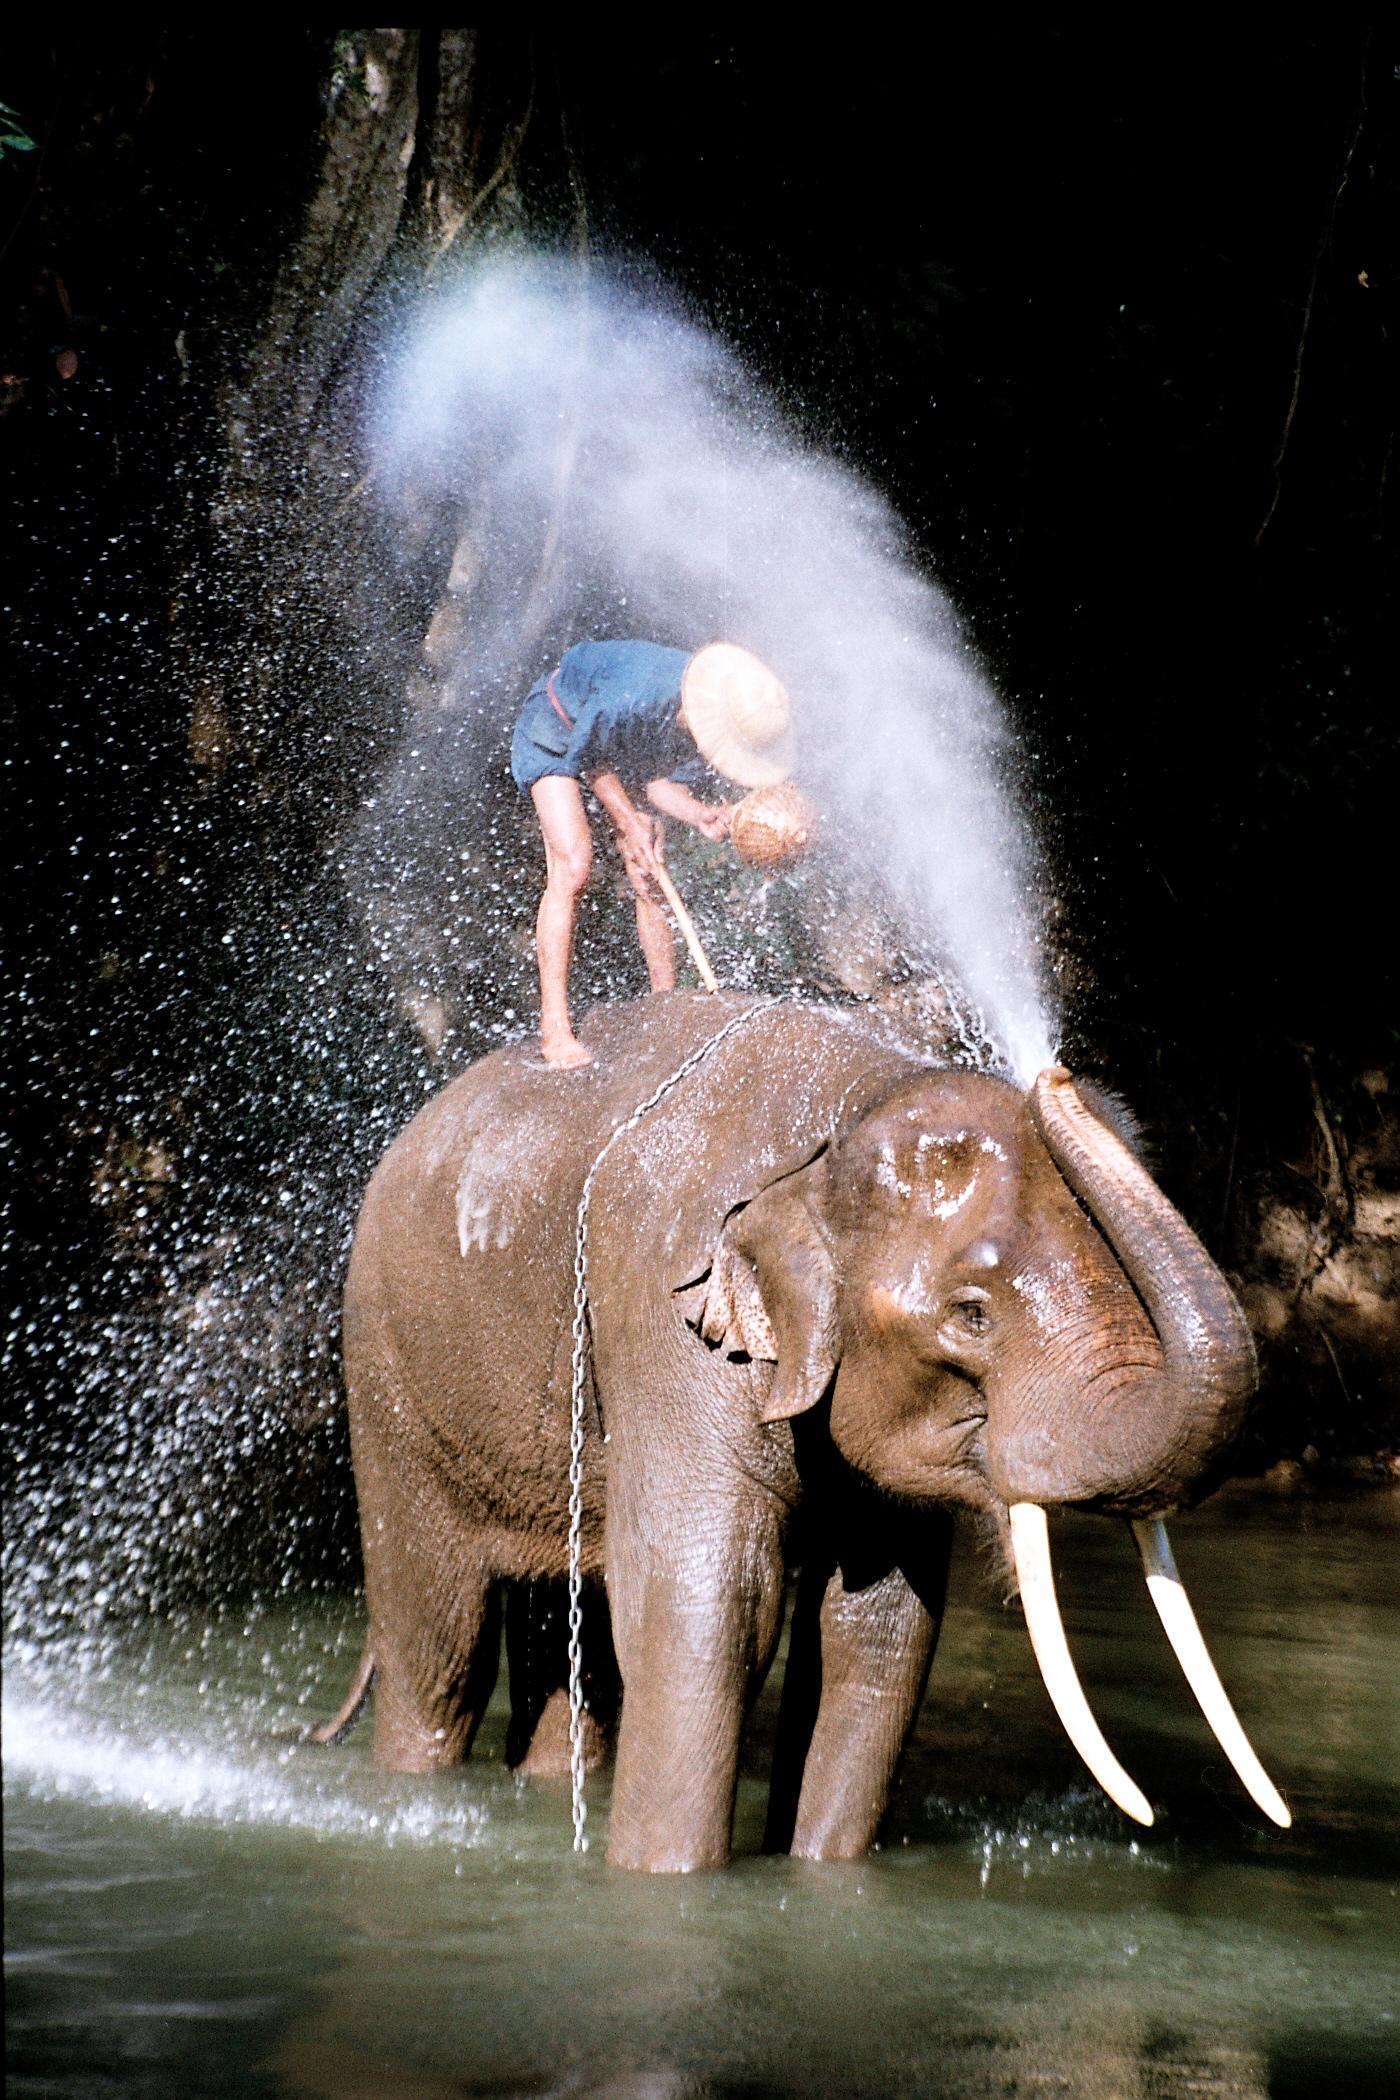 Afrikanische Und Asiatische Elefantenköpfe mit Unterschied Afrikanischer Und Indischer Elefant